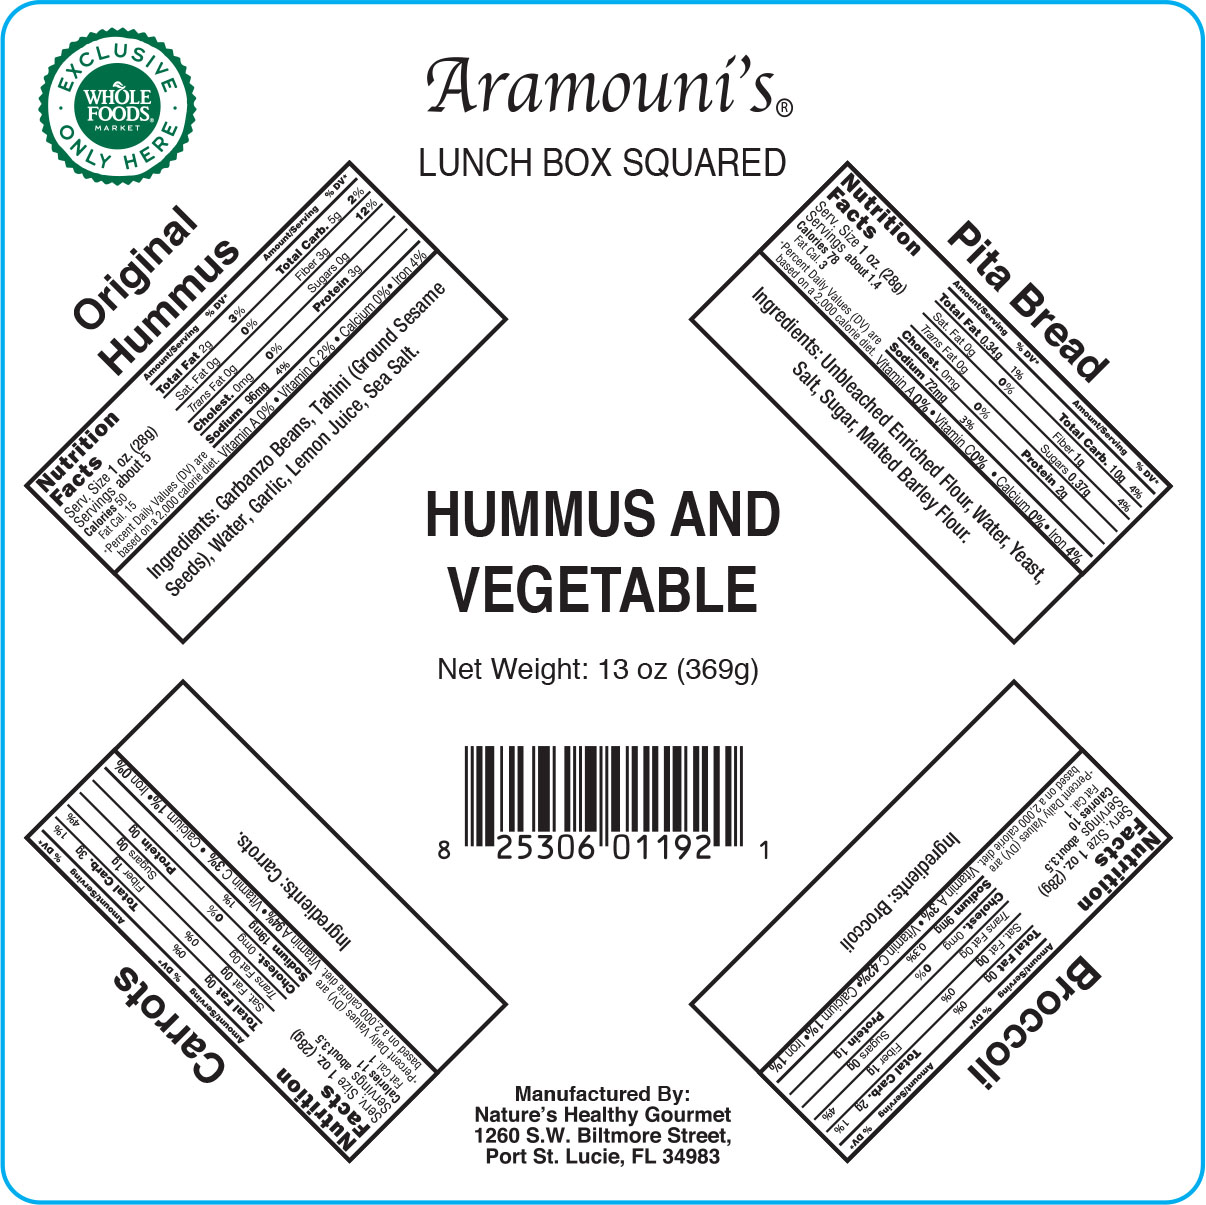 Aramouni's Lunch Box